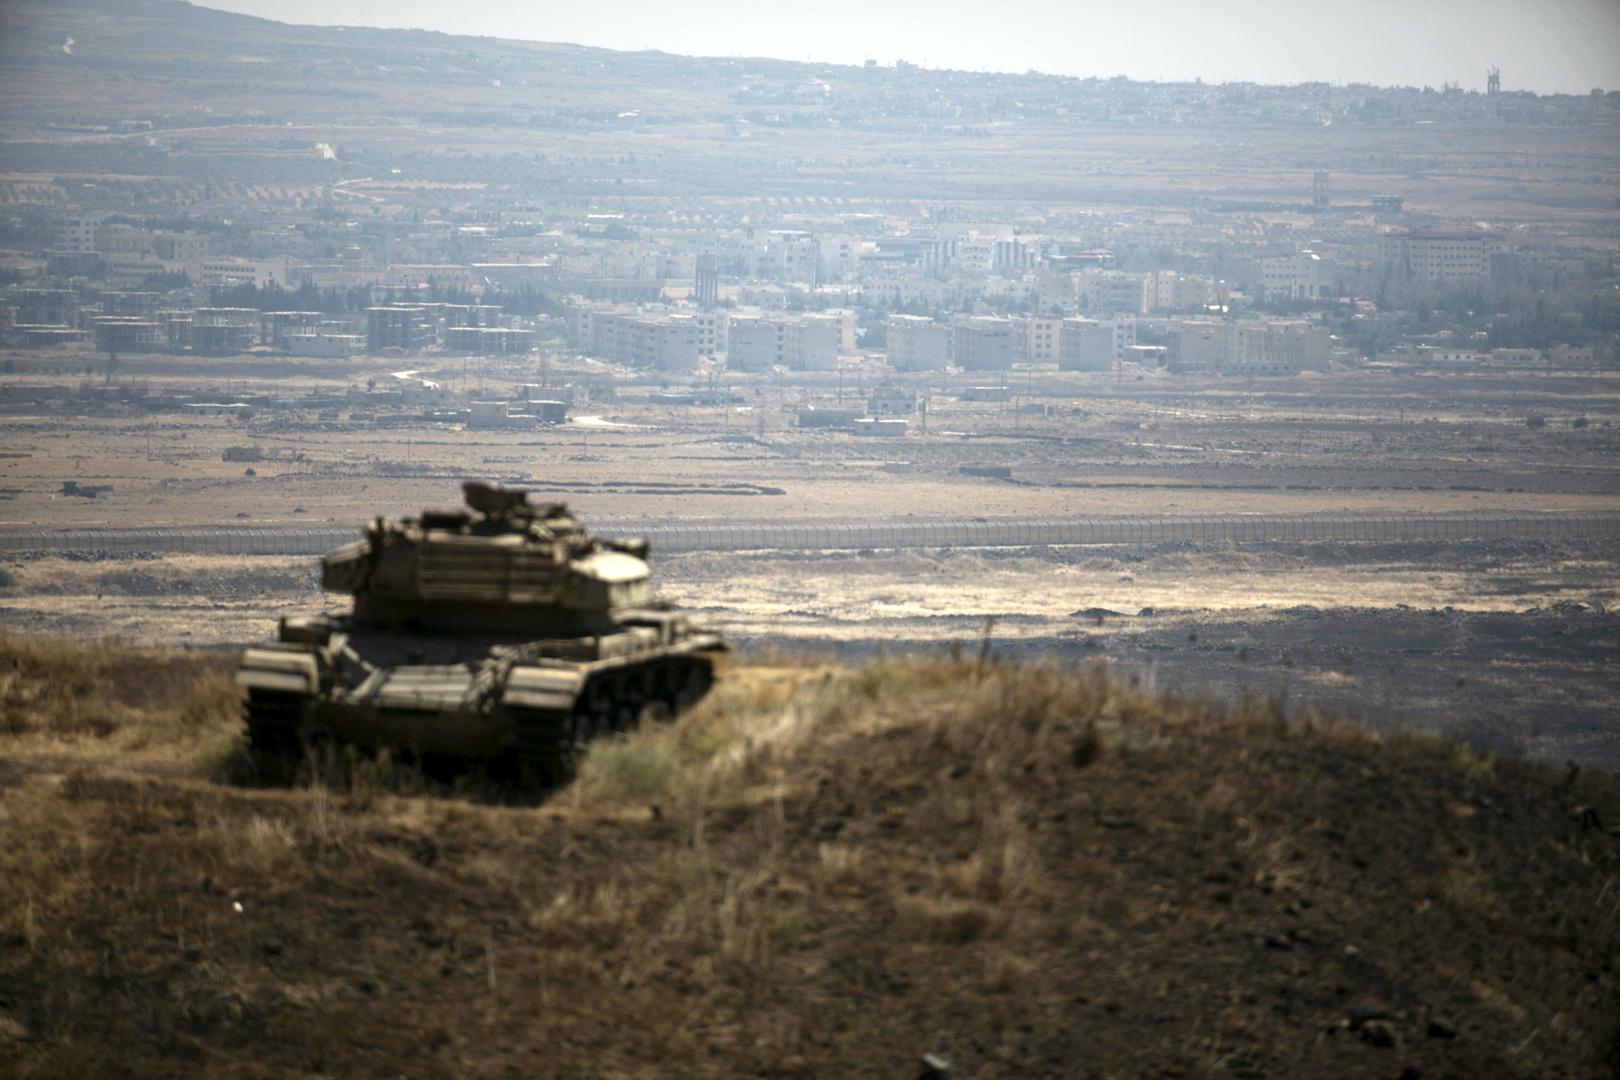 غانتس بعد إعلان سوريا عن قصف إسرائيل مدرسة في القنيطرة: الأمور تحدث